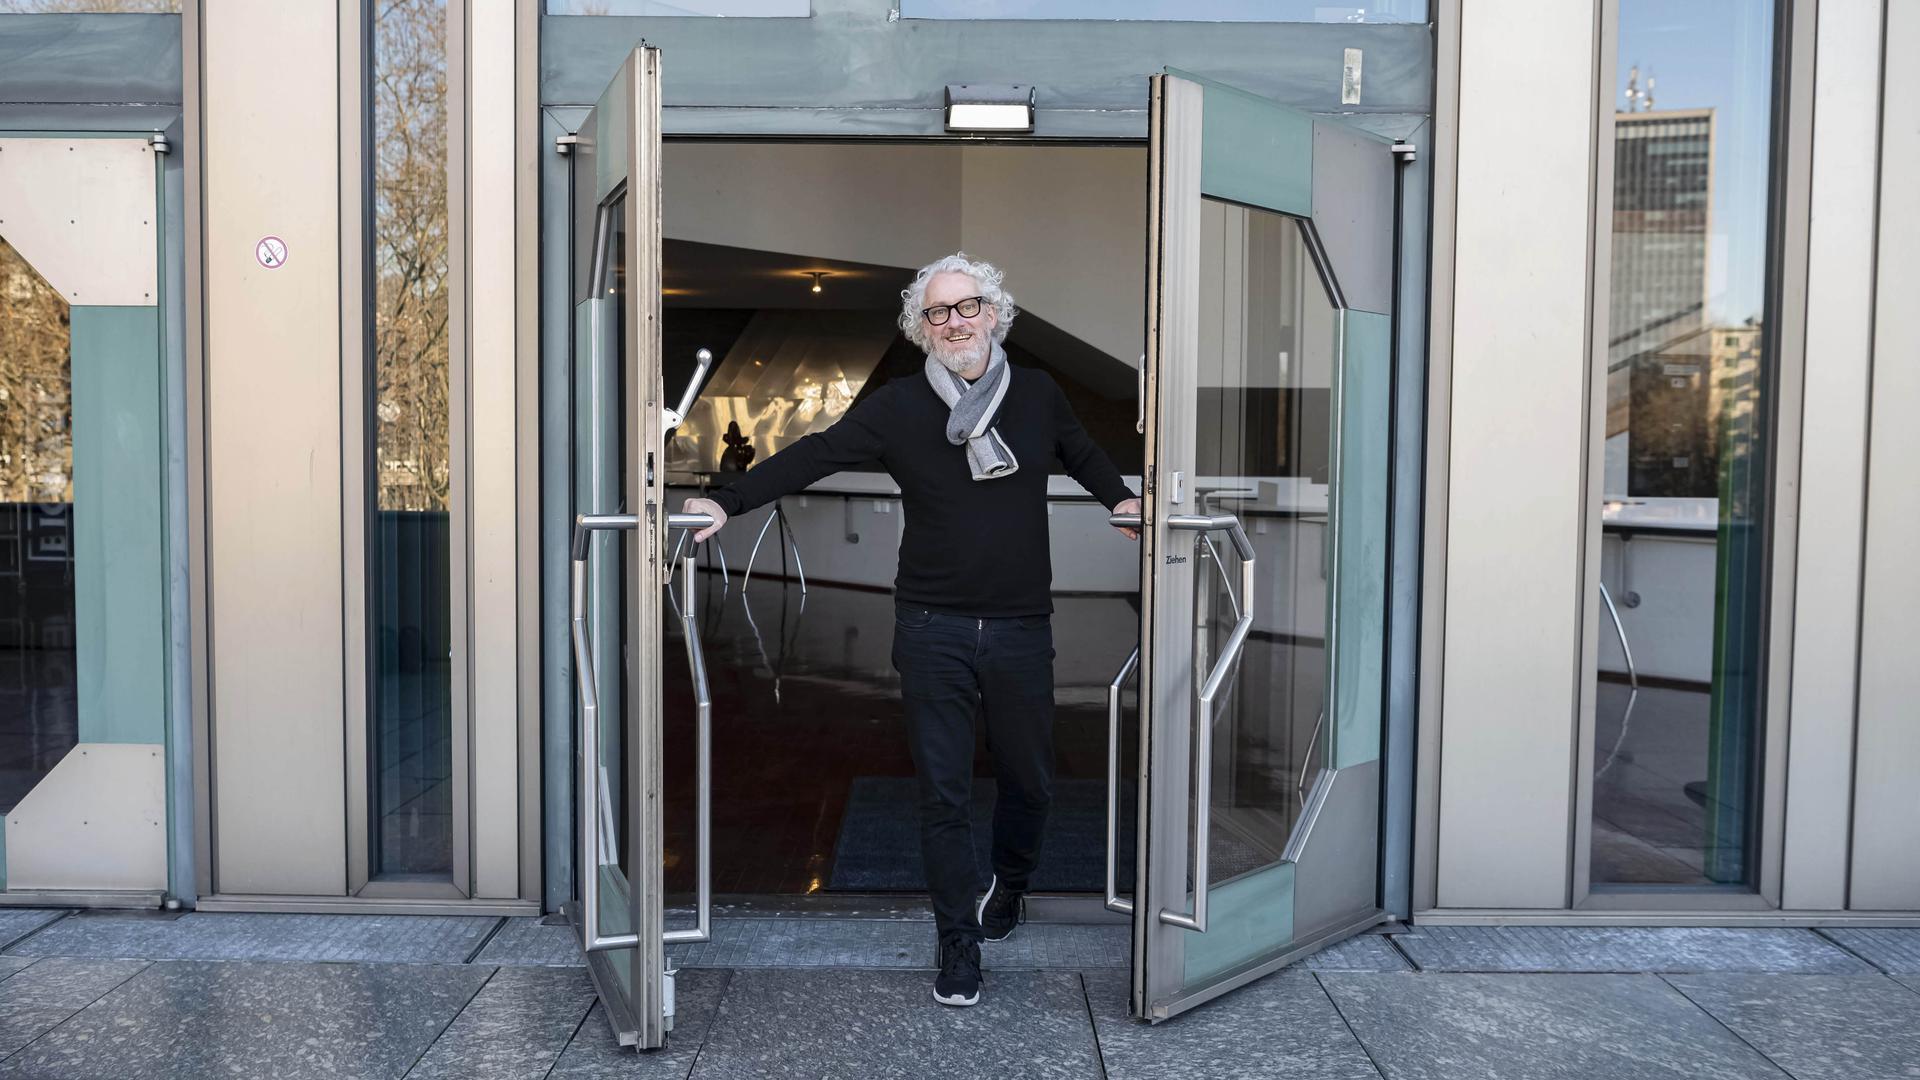 Peter Spuhler, Generalintendant des Badischen Staatstheaters Karlsruhe, steht bei dem Theater an der Flügeltür zu einem Balkon.